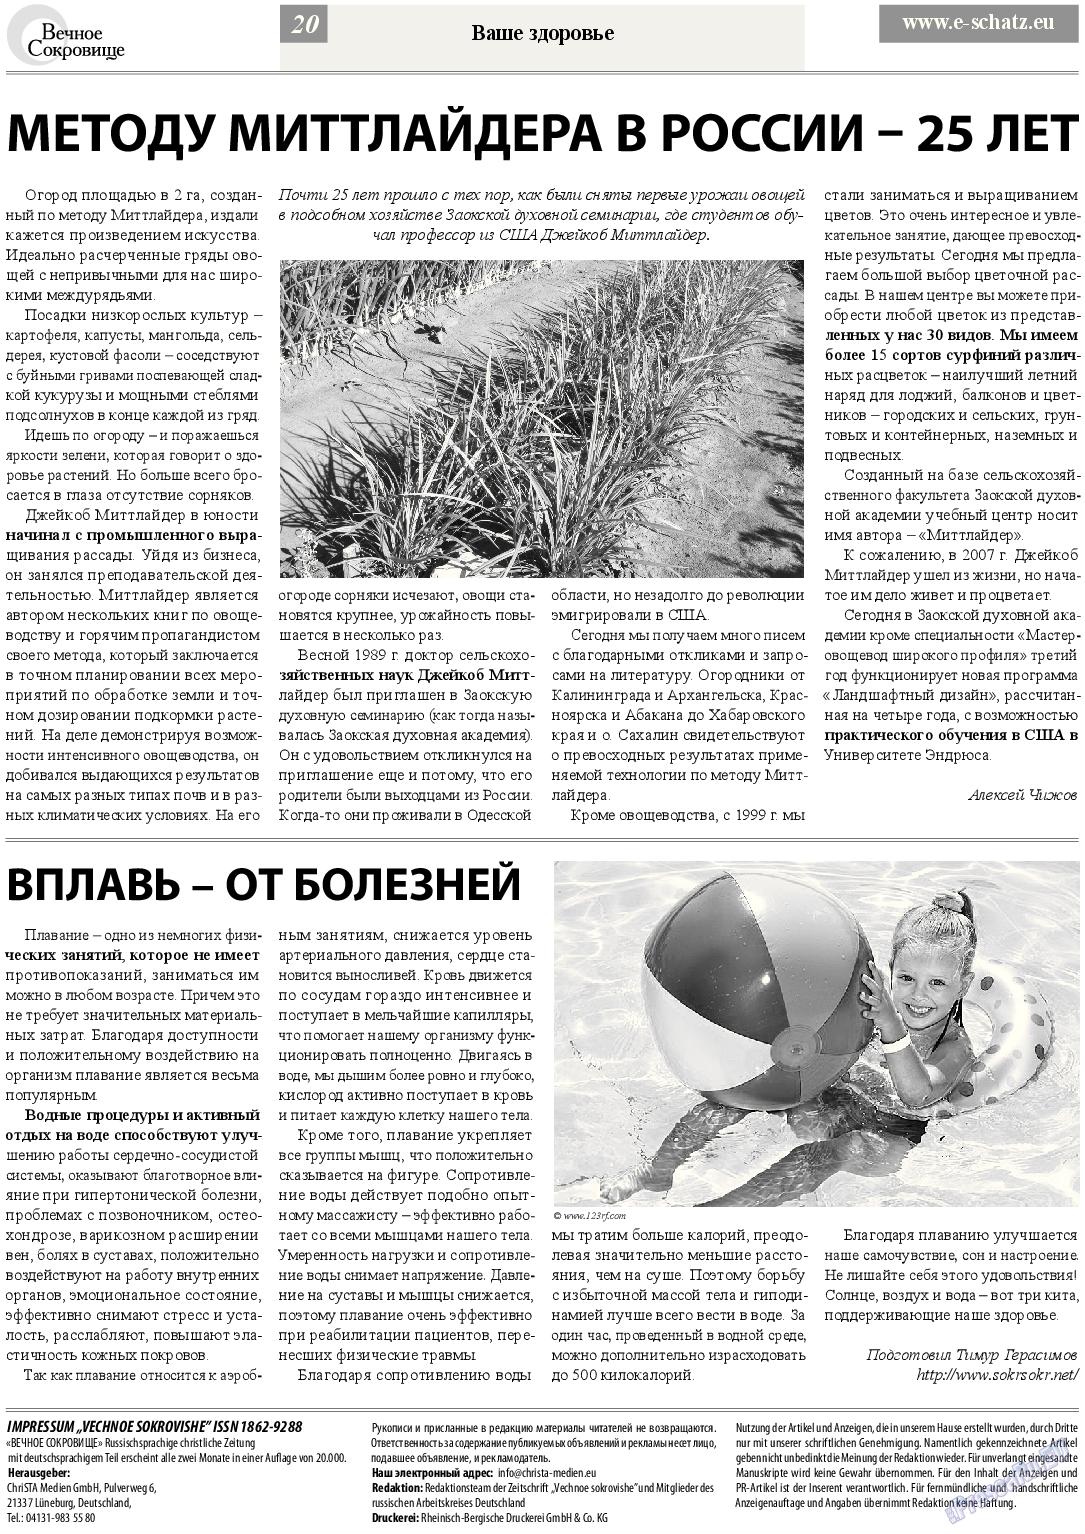 Вечное сокровище (газета). 2013 год, номер 4, стр. 20